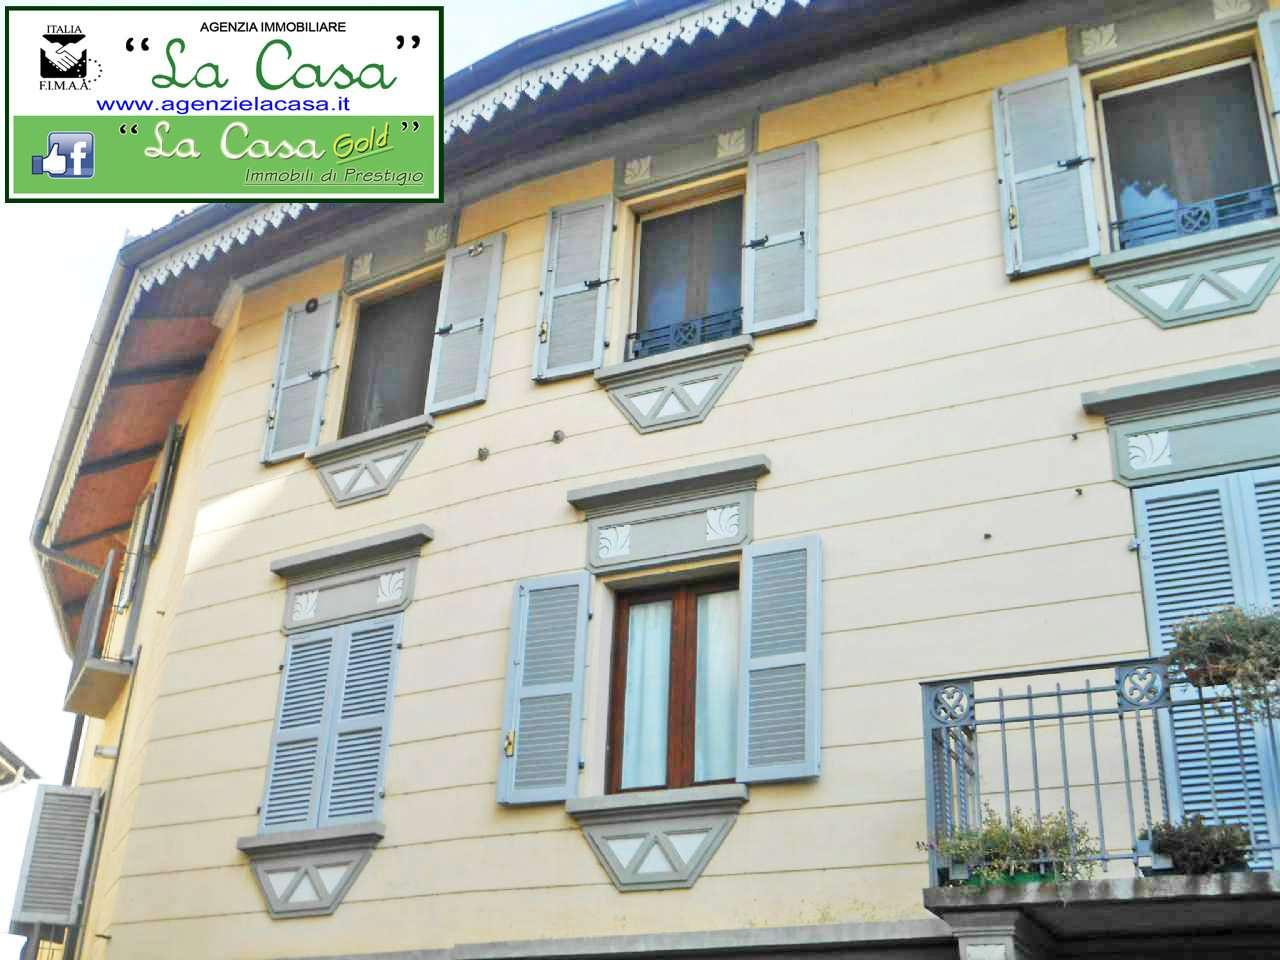 Castelnuovo centro - Appartamento ristrutturato